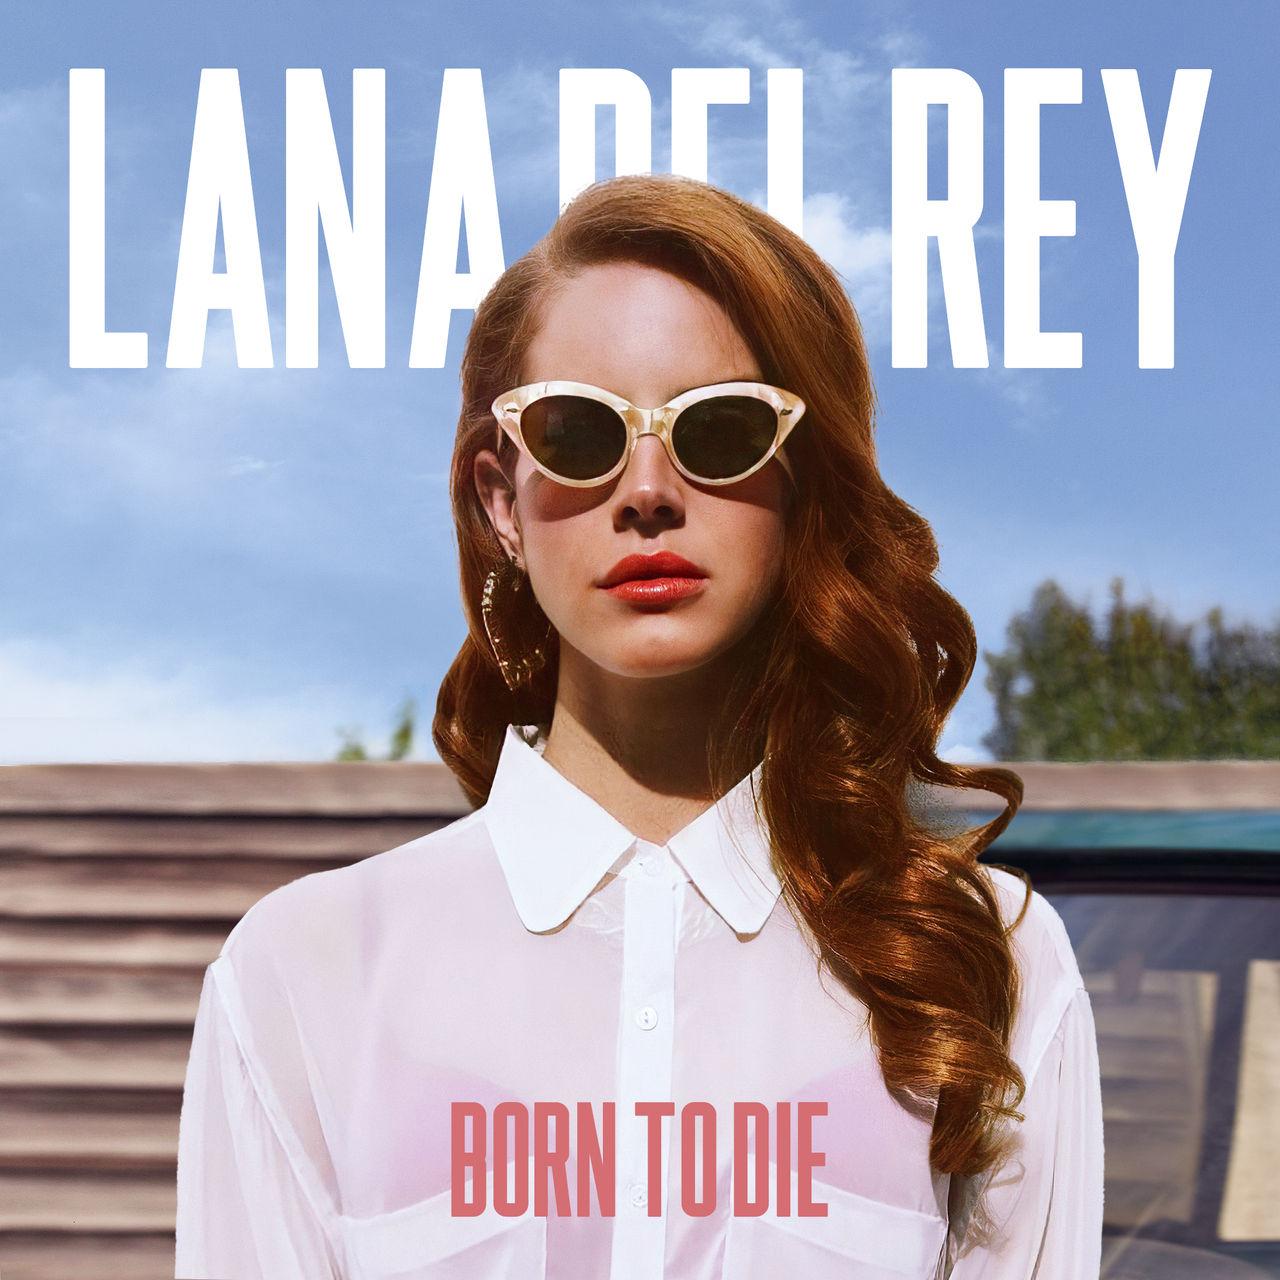 lana_del_rey_born_to_die_by_kallumlavign